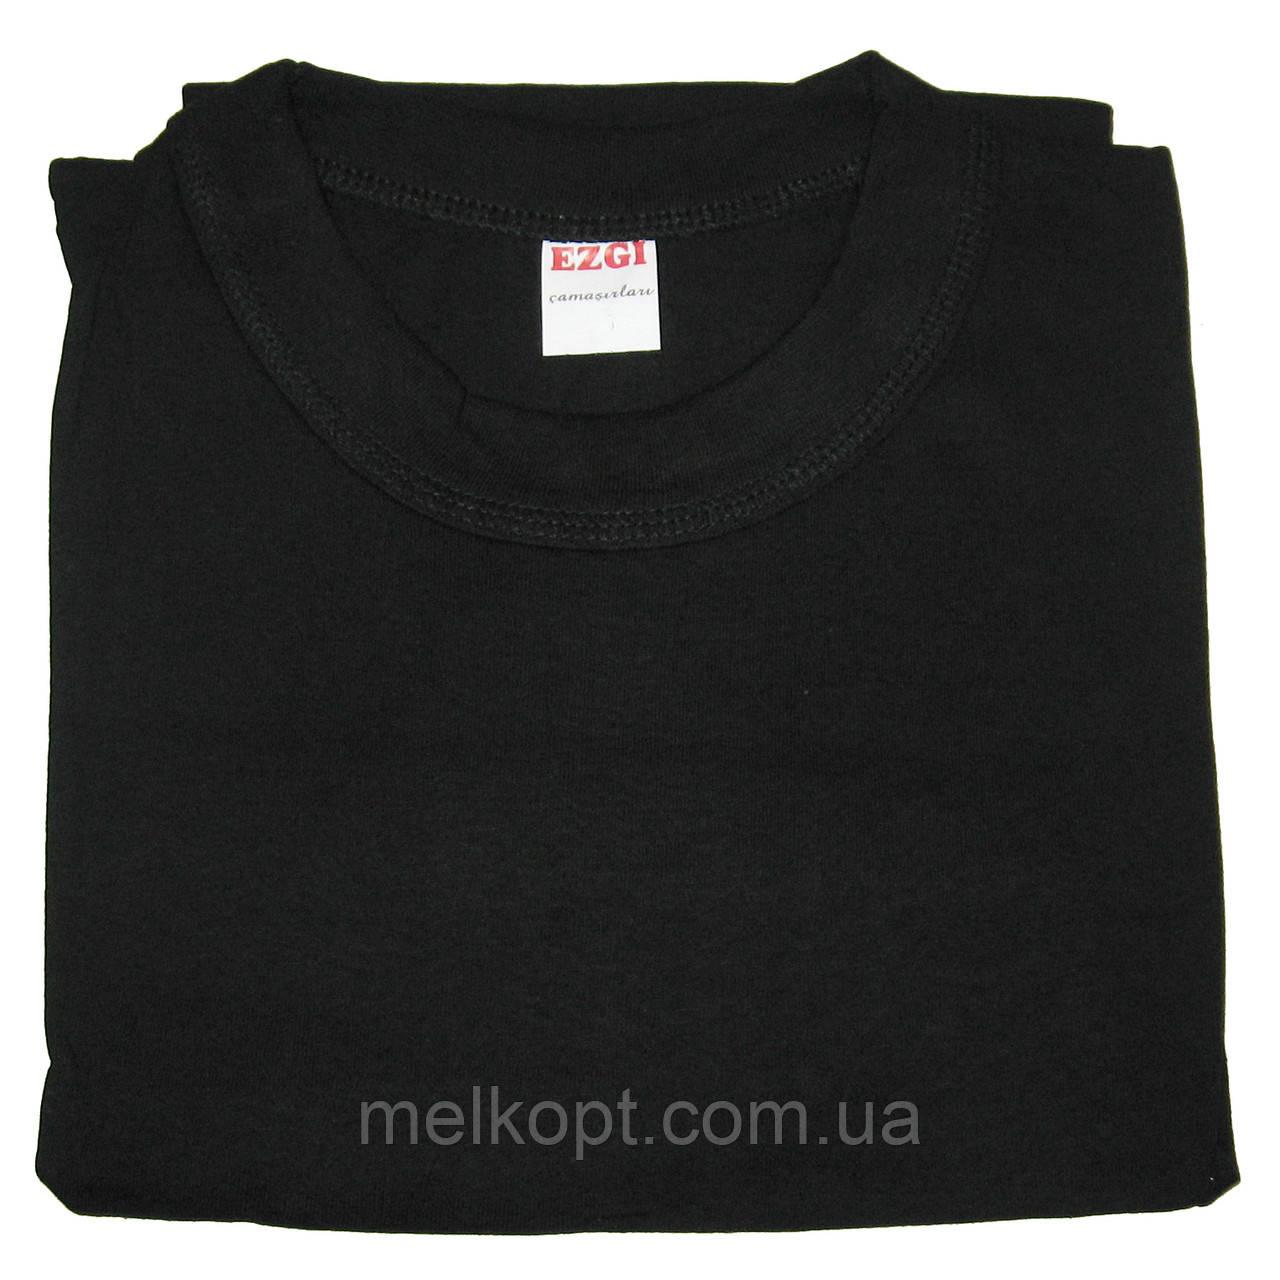 Чоловічі футболки Ezgi - 63,00 грн./шт. (60-й розмір, чорні)